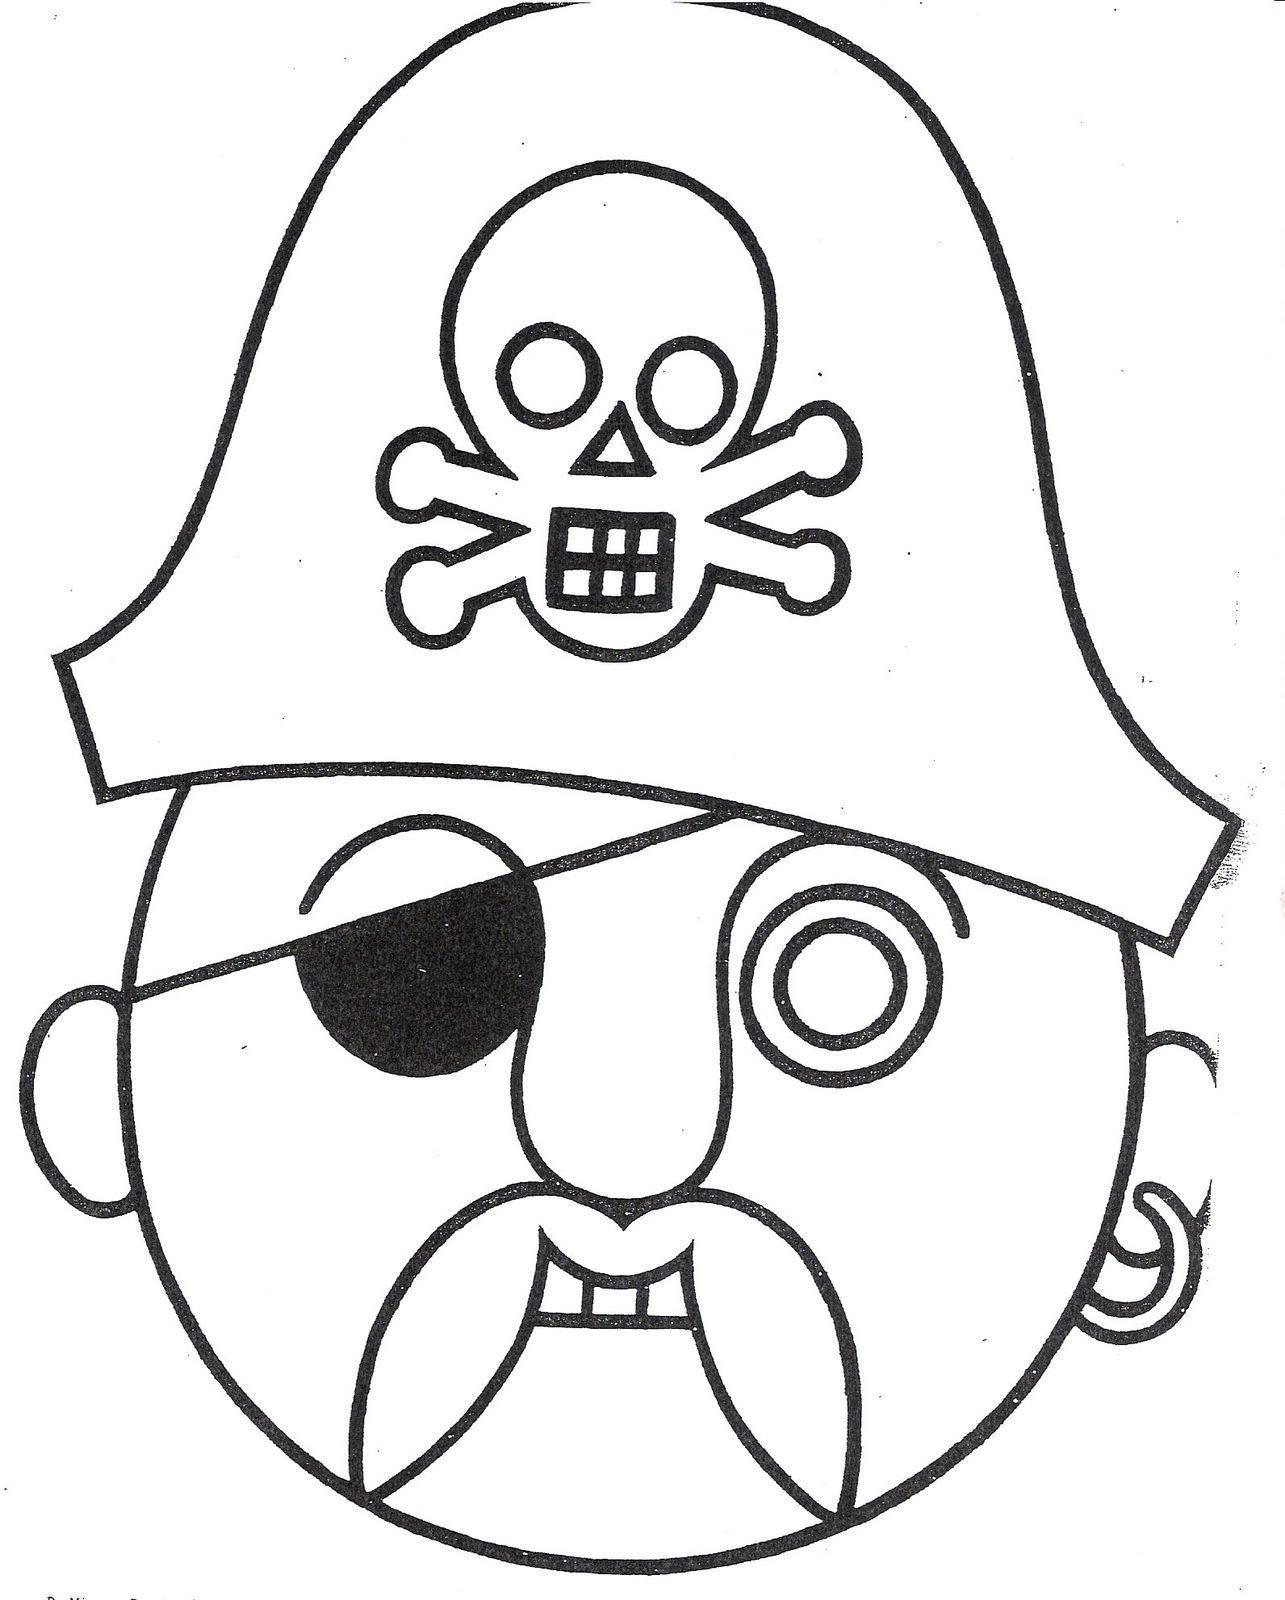 mascara de pirata para colorir | Things to wear | Pinterest | Carnavales